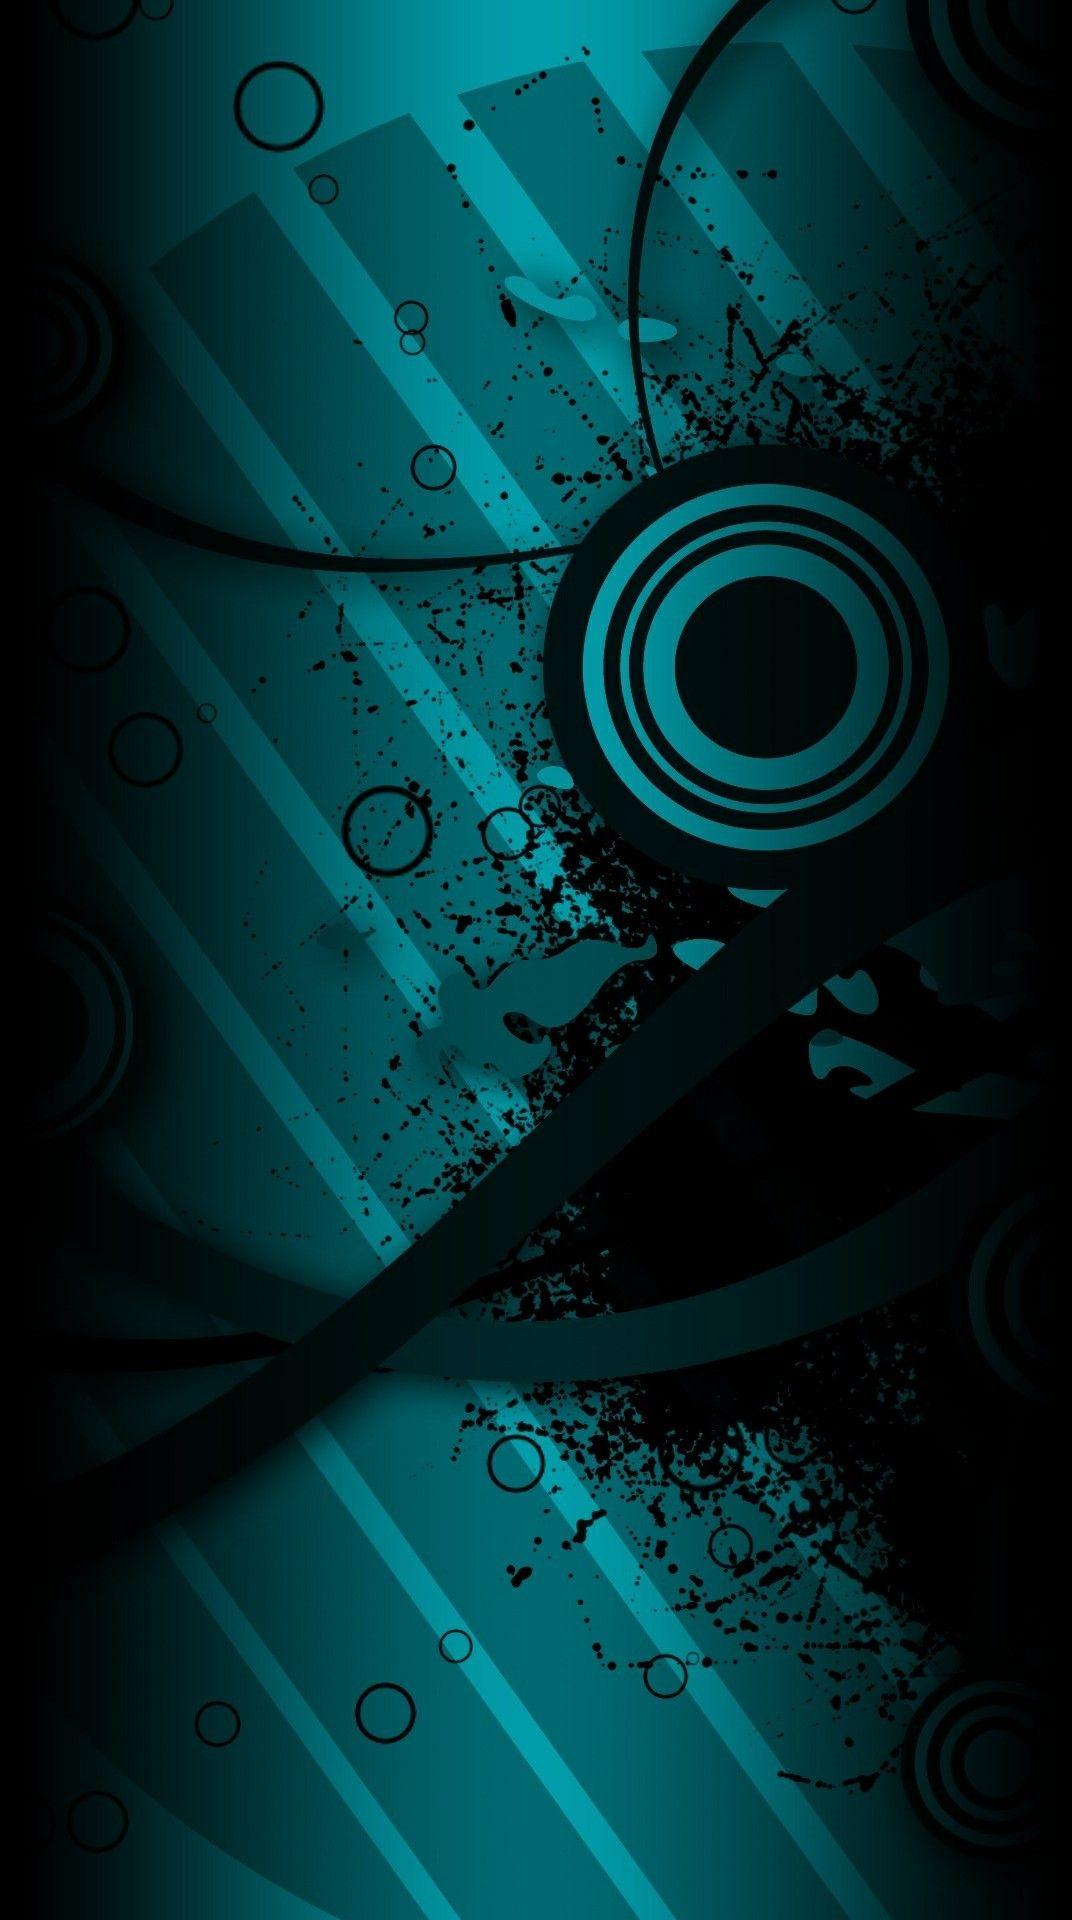 Pin Oleh Sebastian S Dahl Di Art Wallpaper Dengan Gambar